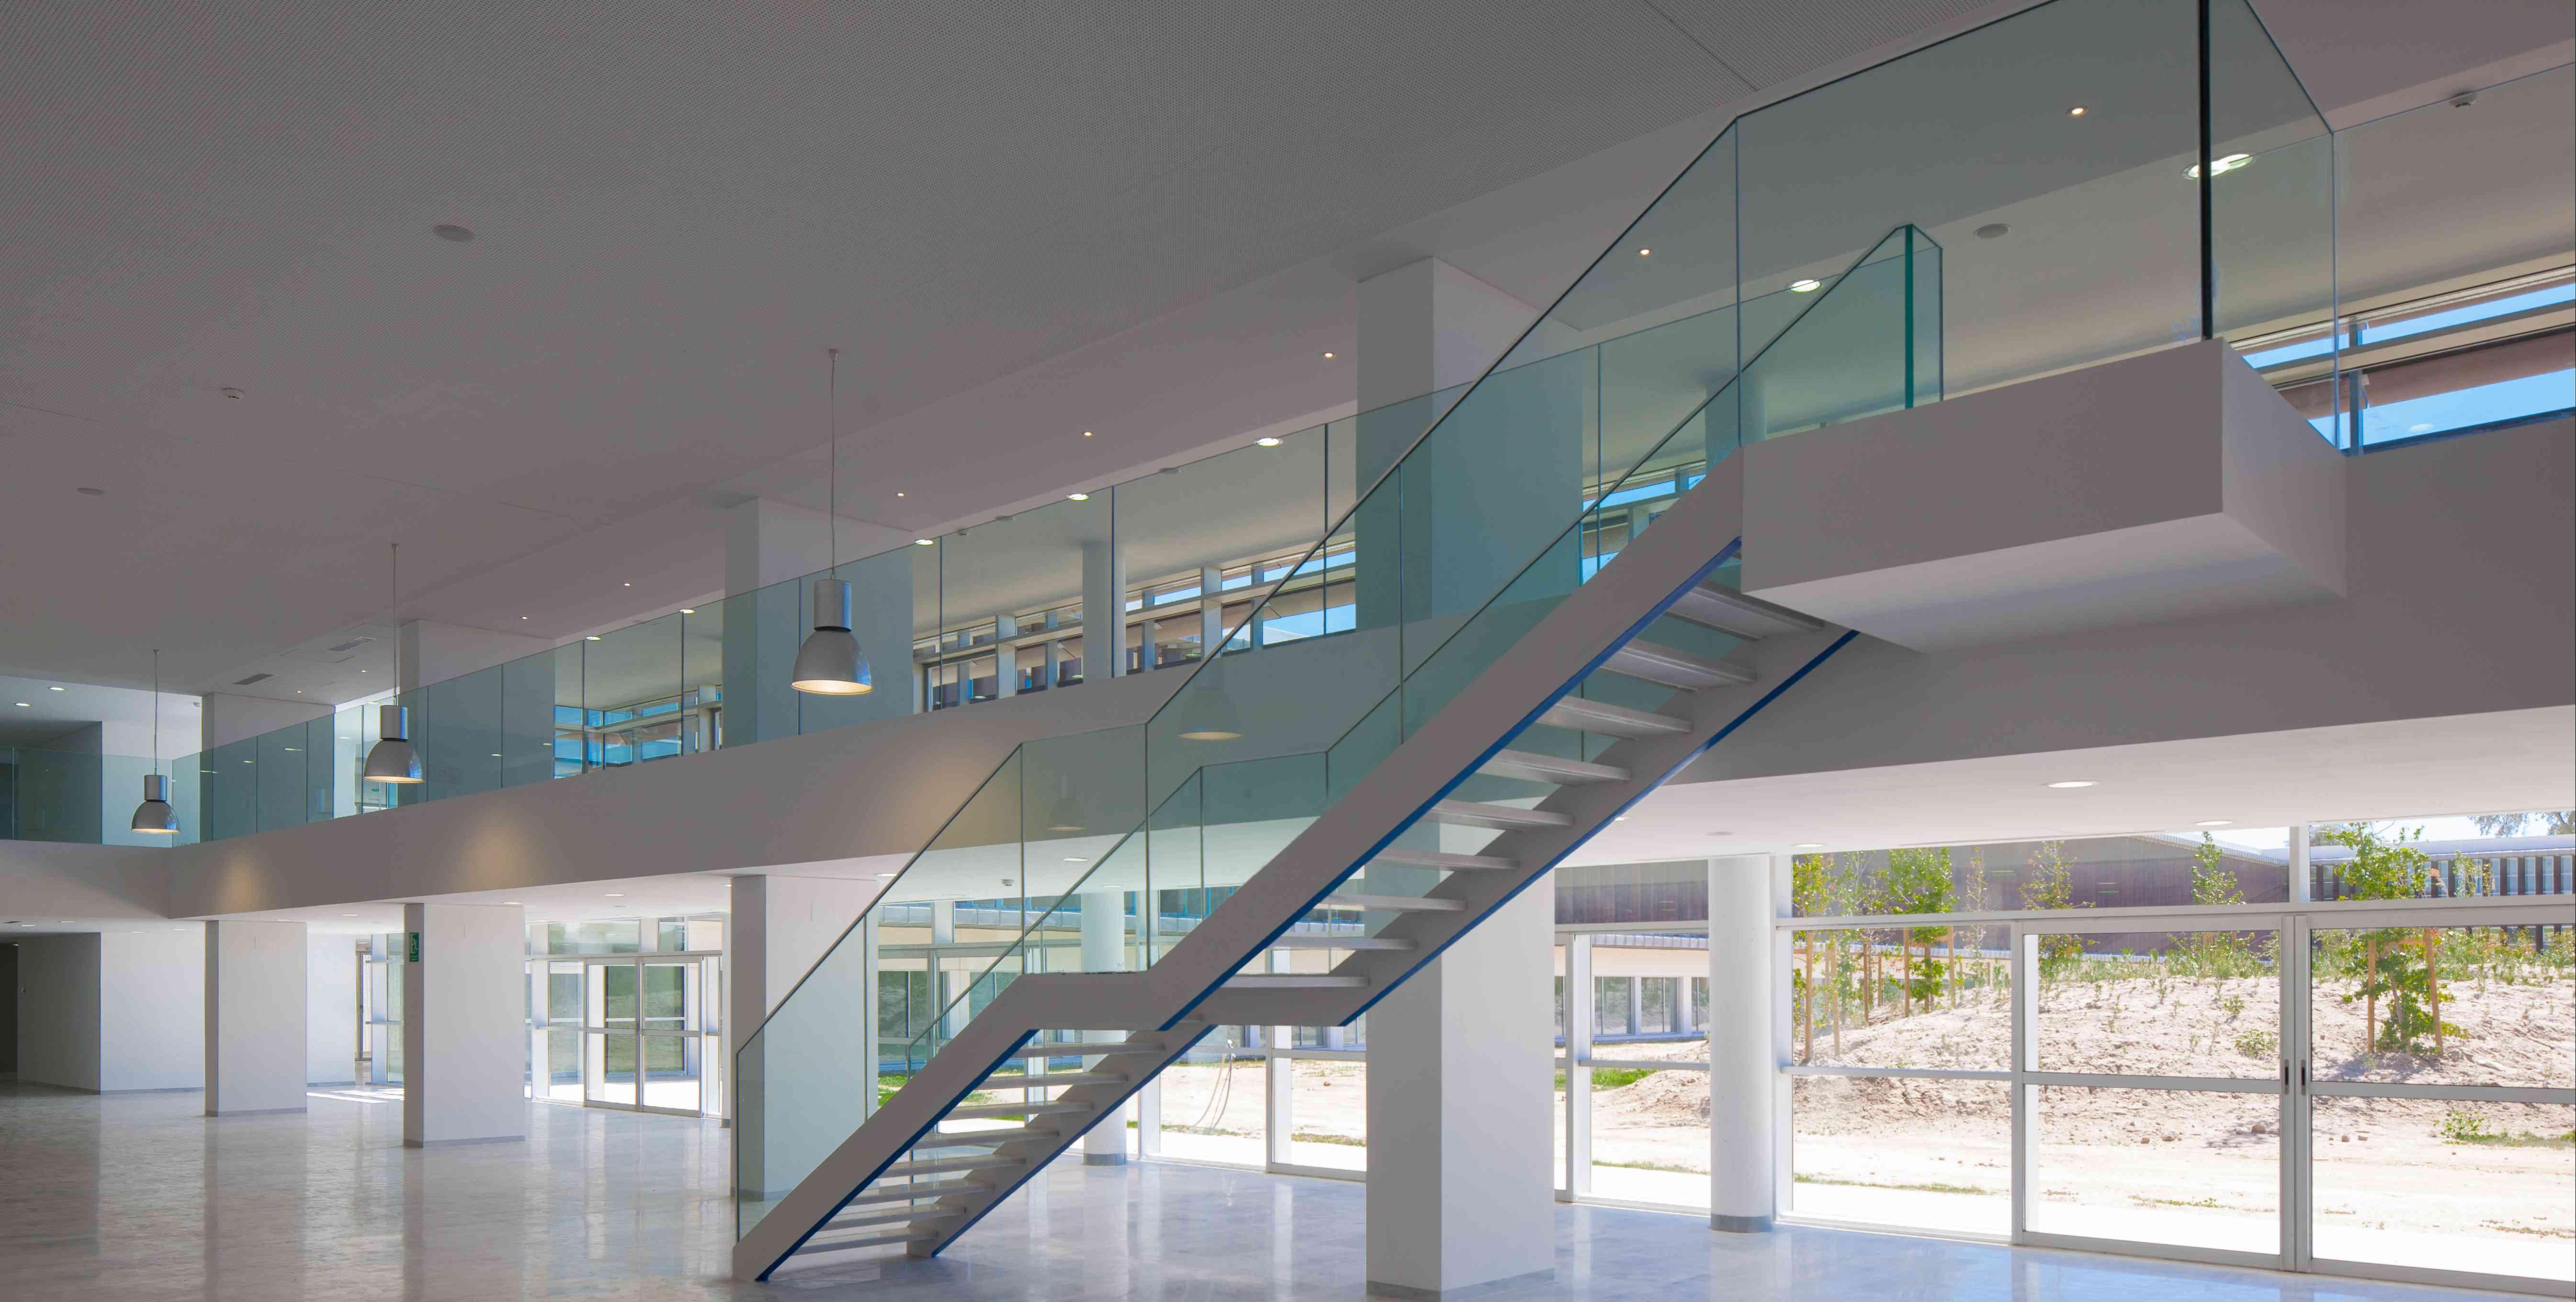 Barandillas De Vidrio Requerimientos Mec Nicos A Tener En Cuenta ~ Barandillas De Cristal Para Escaleras Interiores